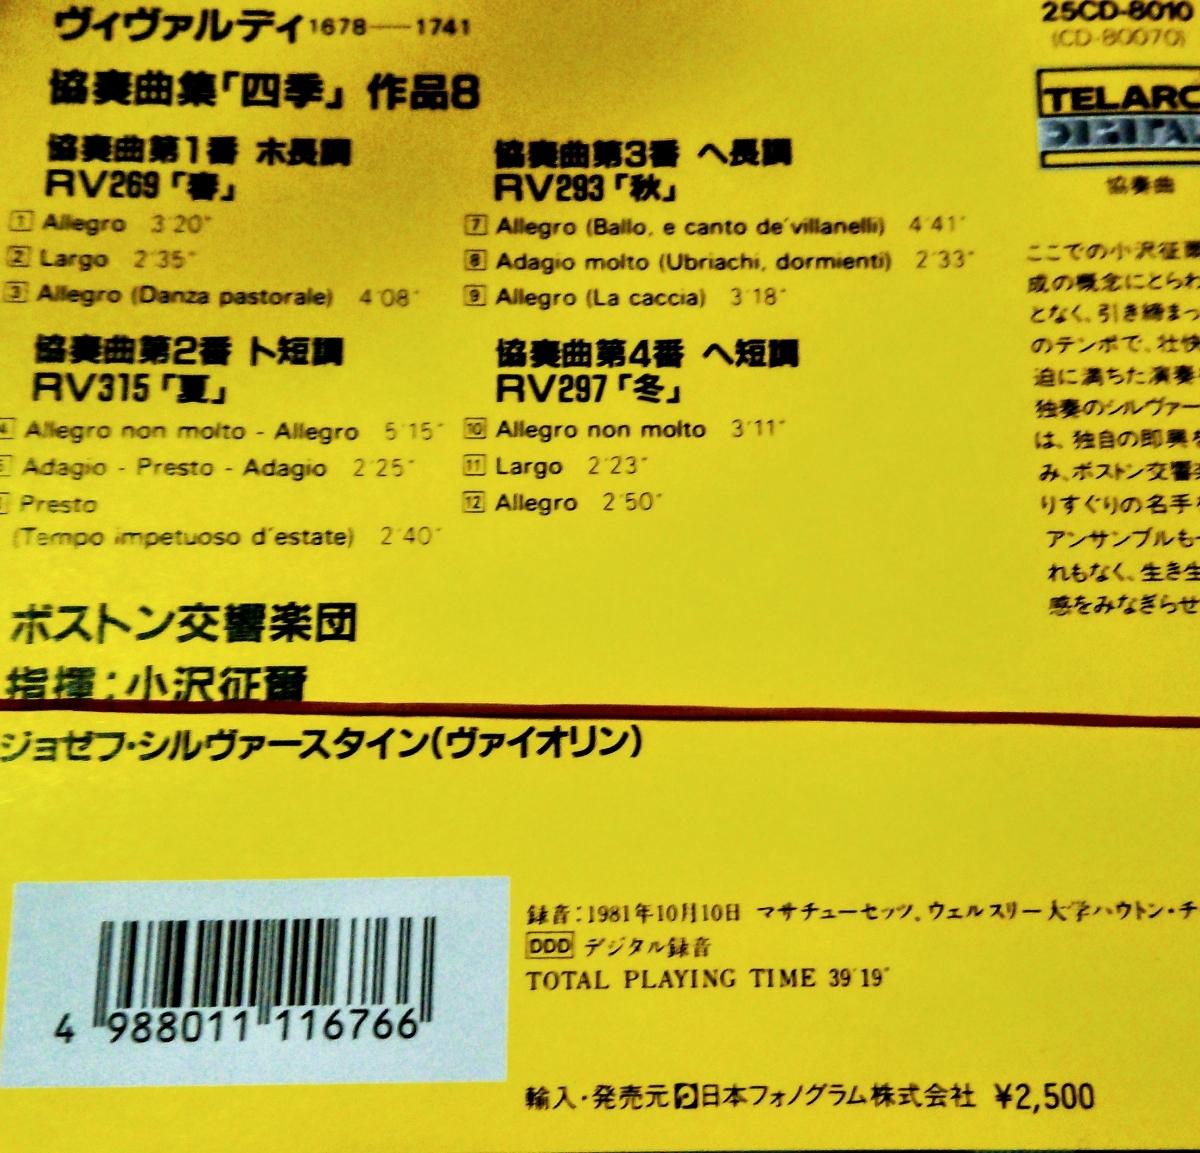 米テラーク盤CD小澤/「四季」(輸入盤、中古品、帯つき)_画像2